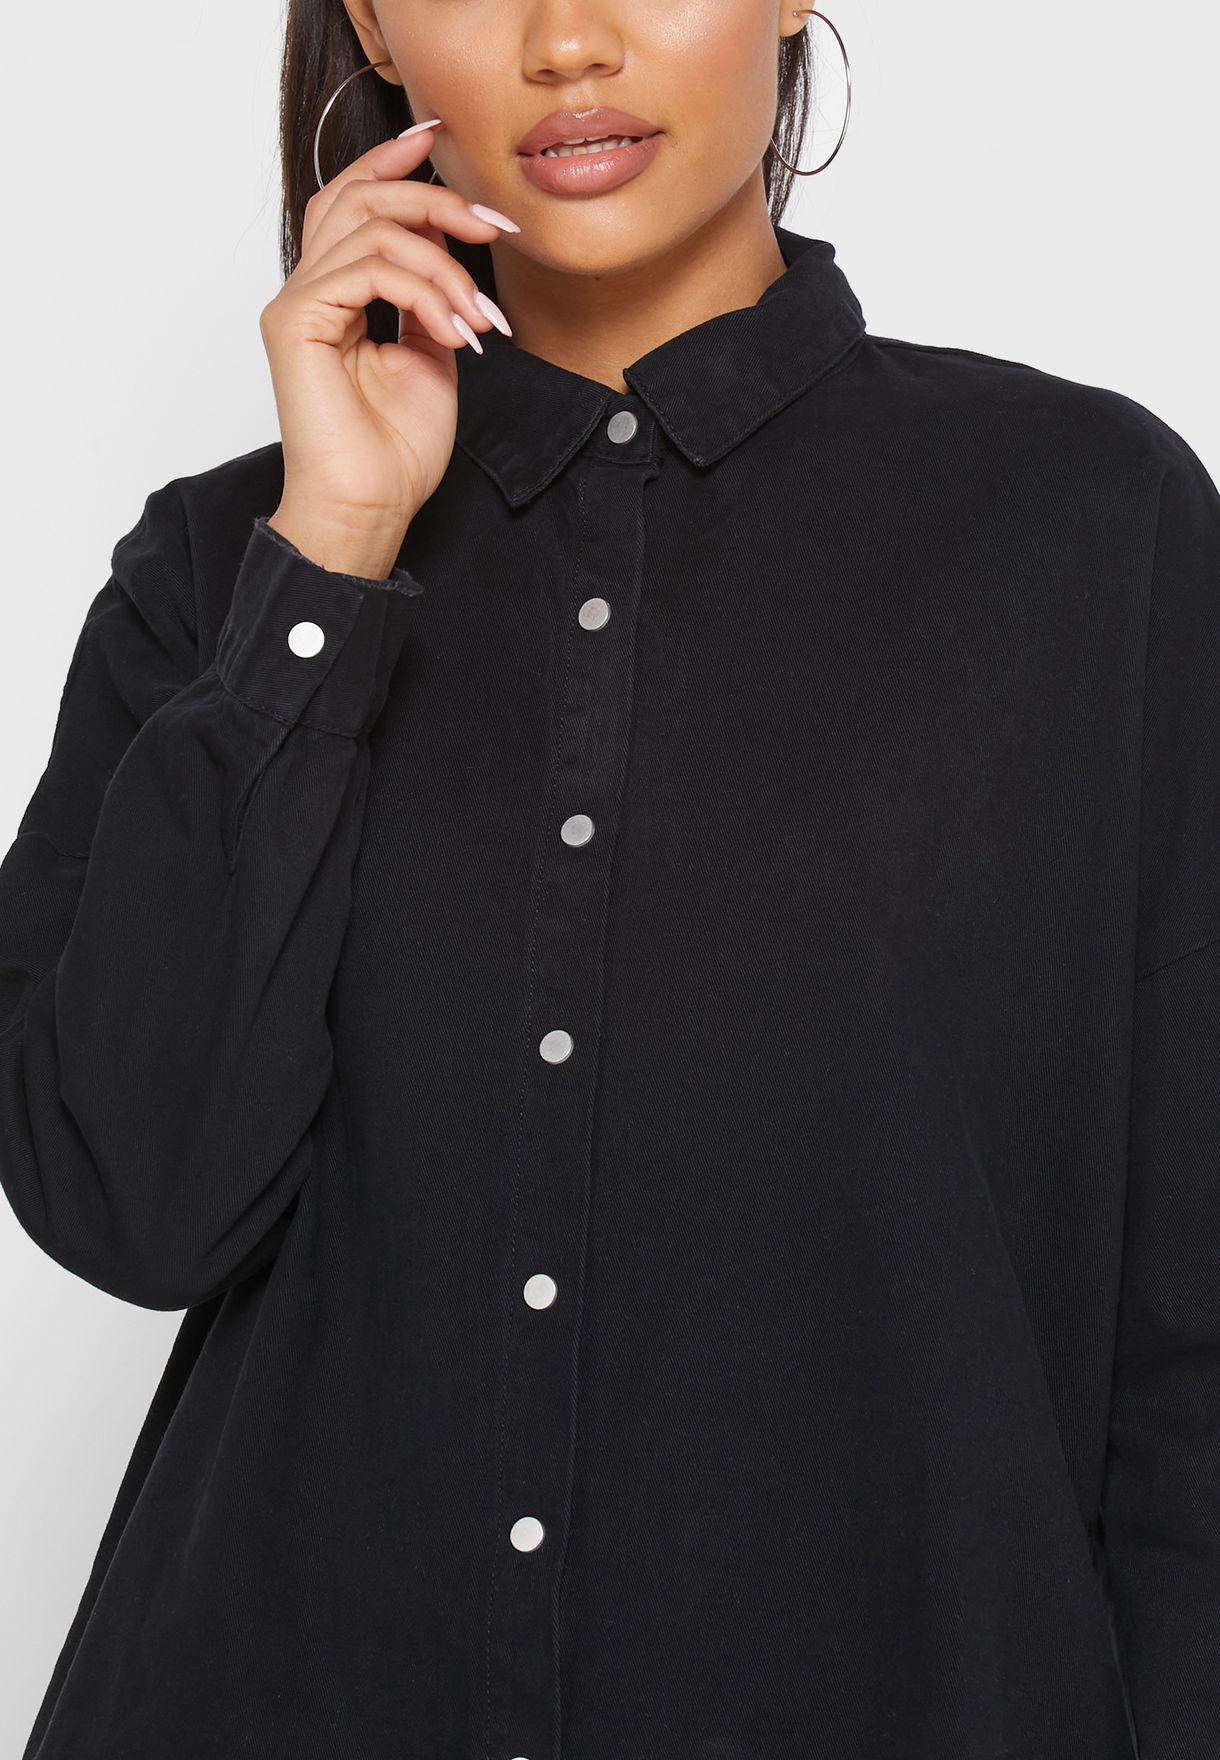 قميص جينز واسع